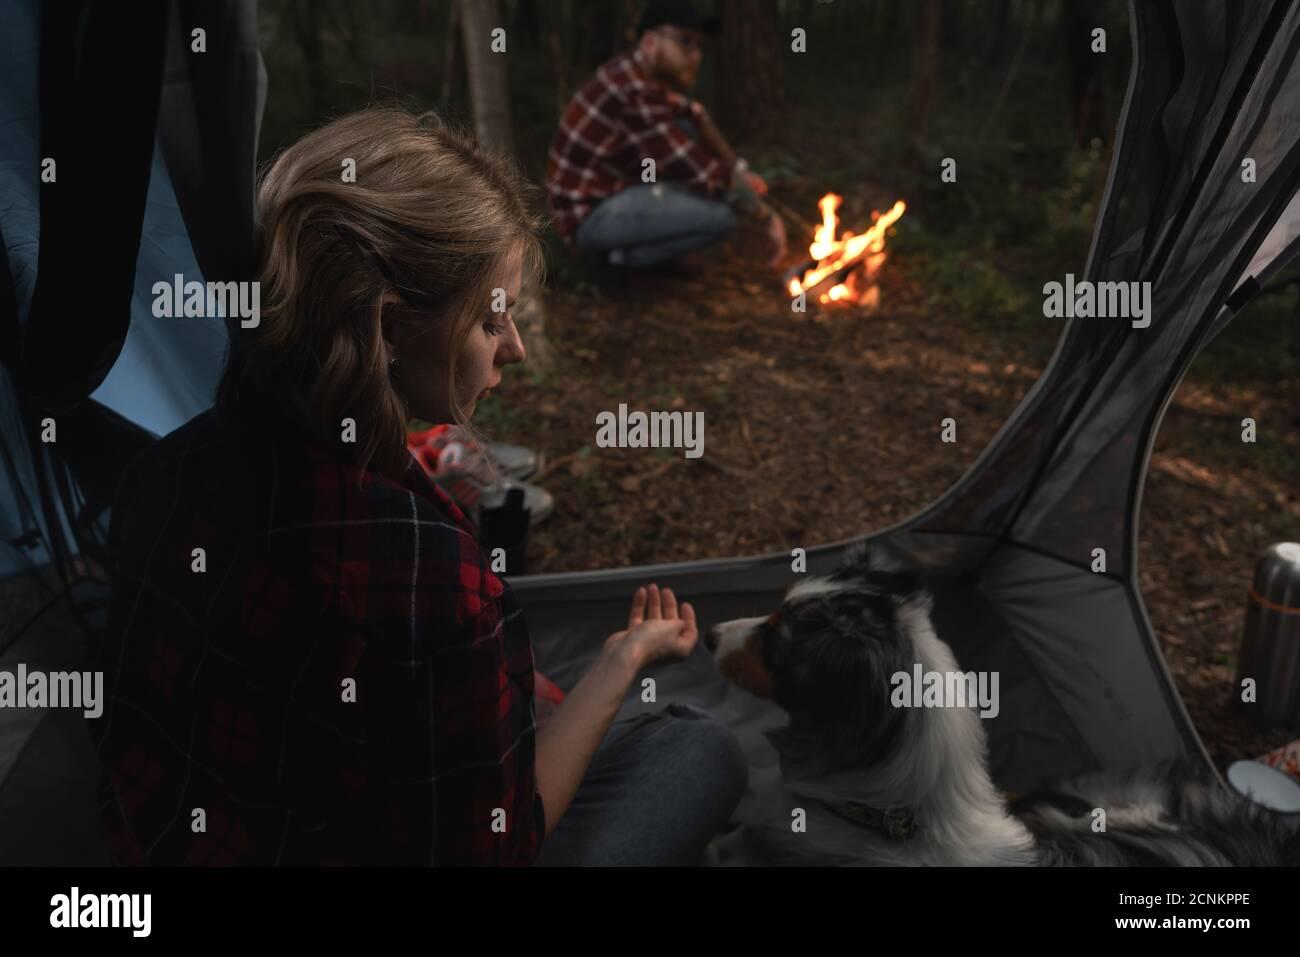 Femme et chien Aussie assis dans une tente, Hipster Bearded Man près de Bonfire hors de la tente dans la Forêt automnale sombre. Voyage à Native Coutry, vacances Banque D'Images